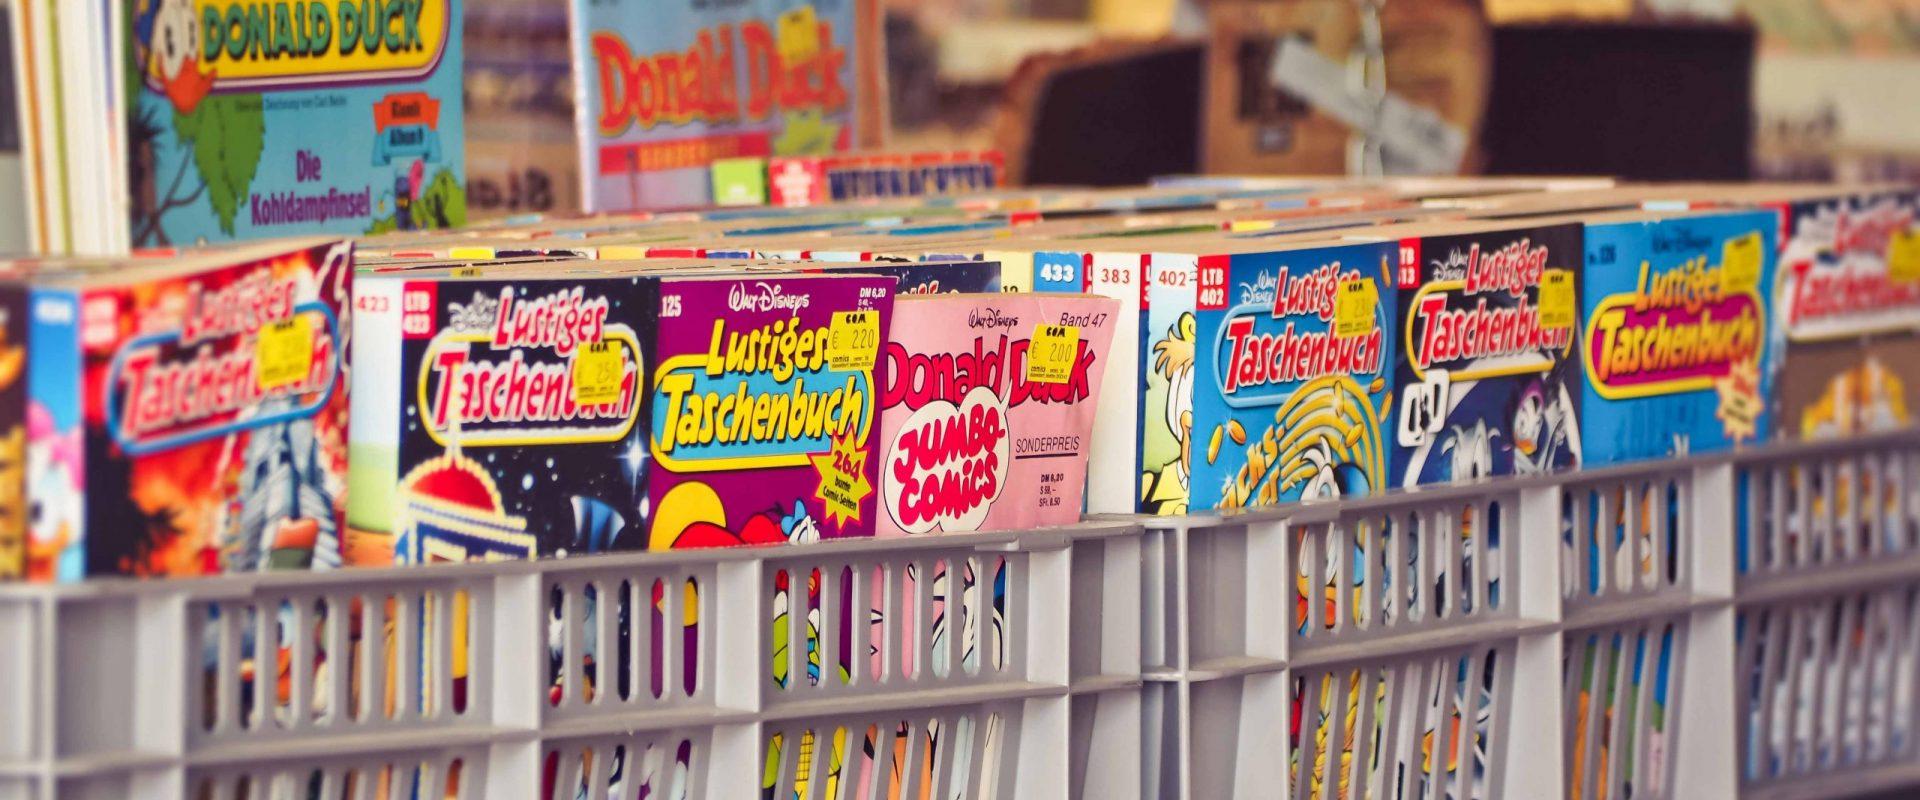 comics-3355815-1